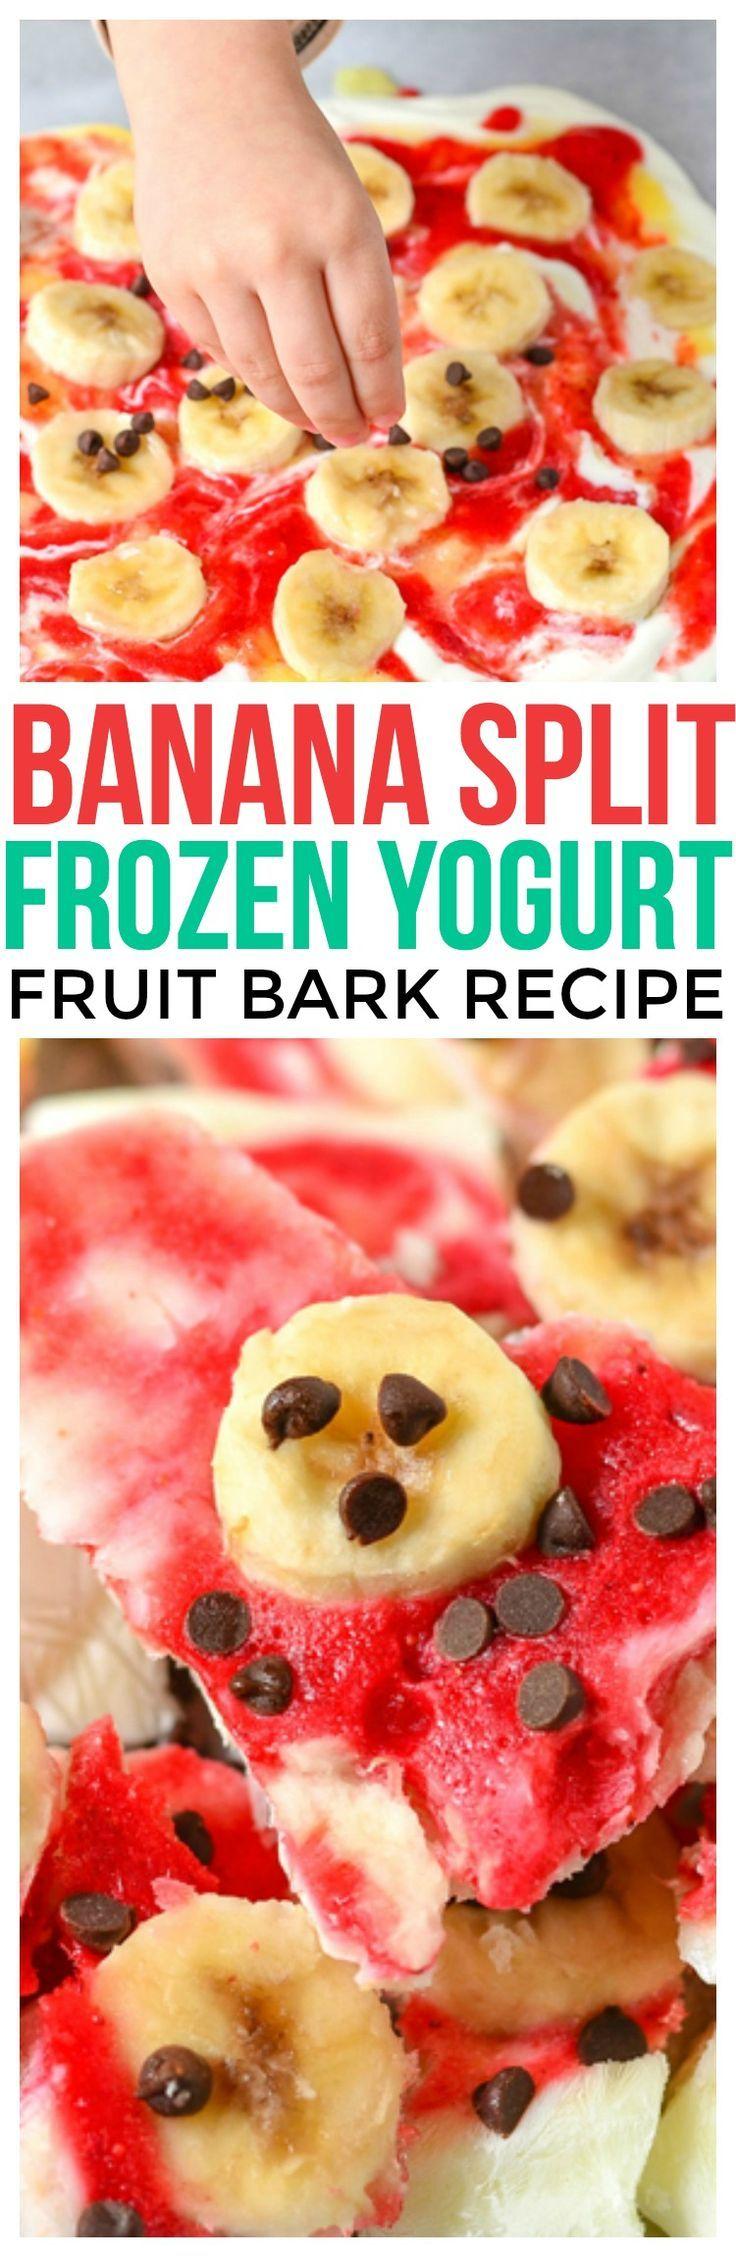 Banana split frozen yogurt bark